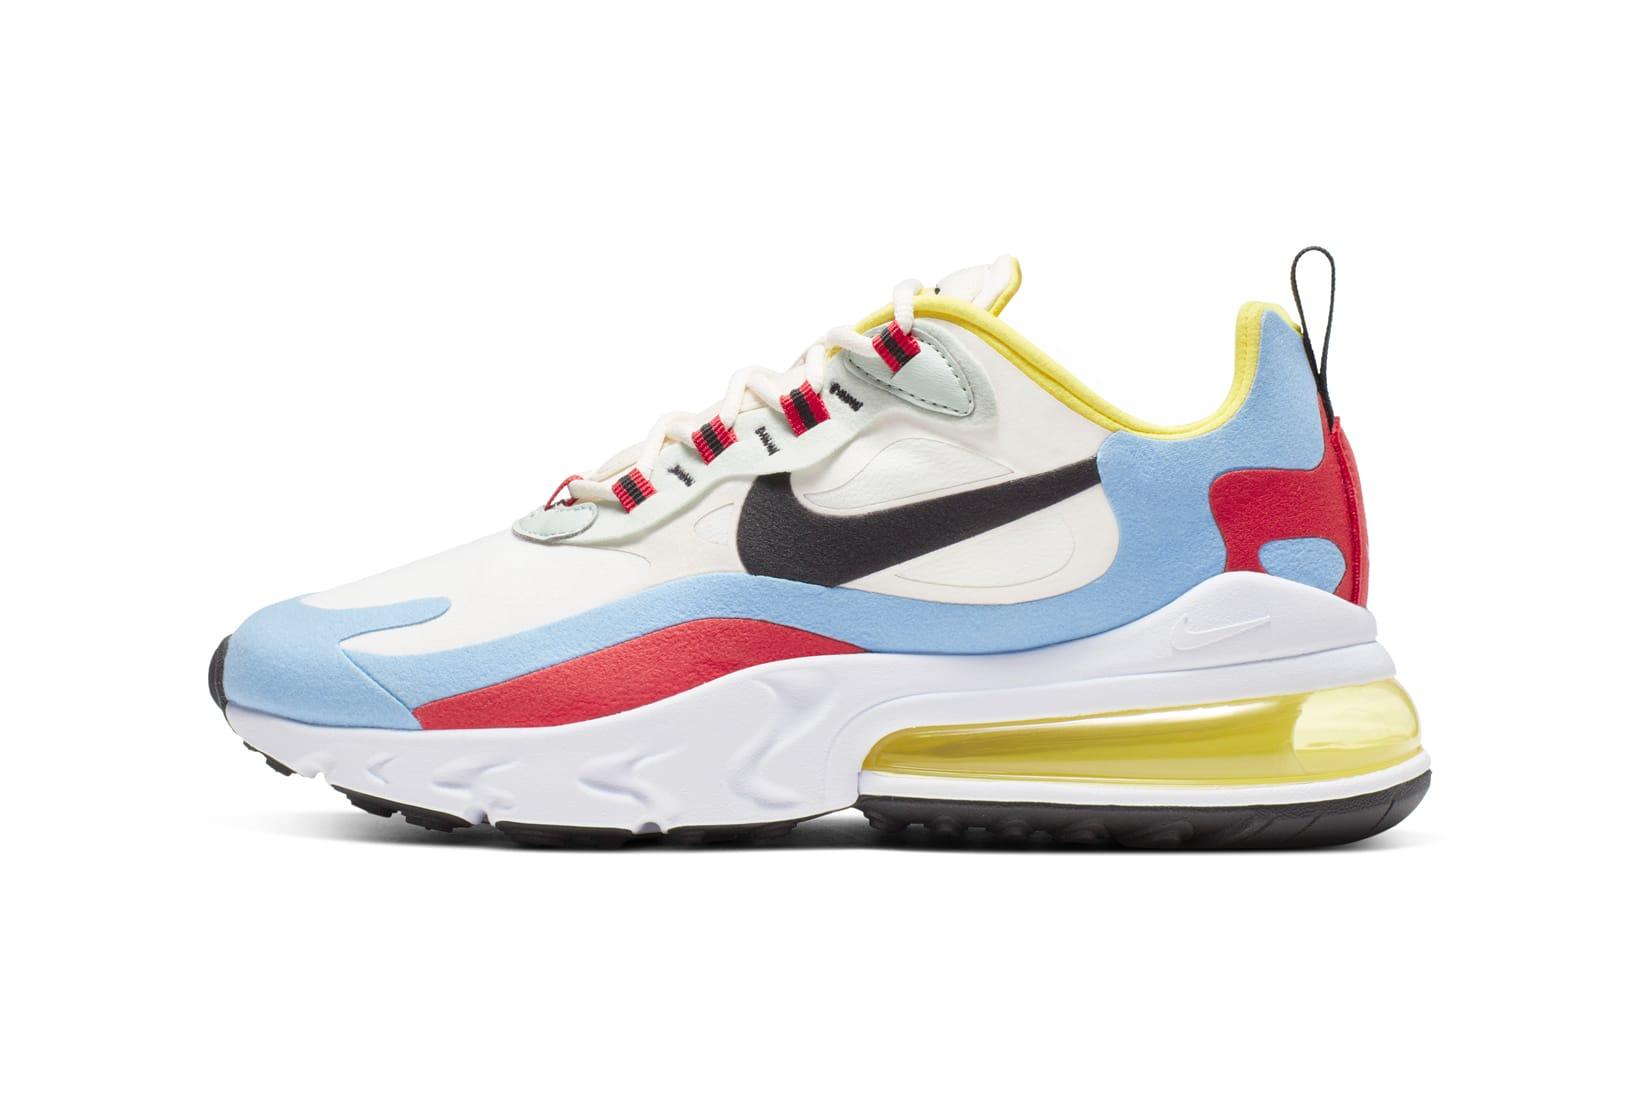 Nike Debuts Air Max 270 React Sneakers